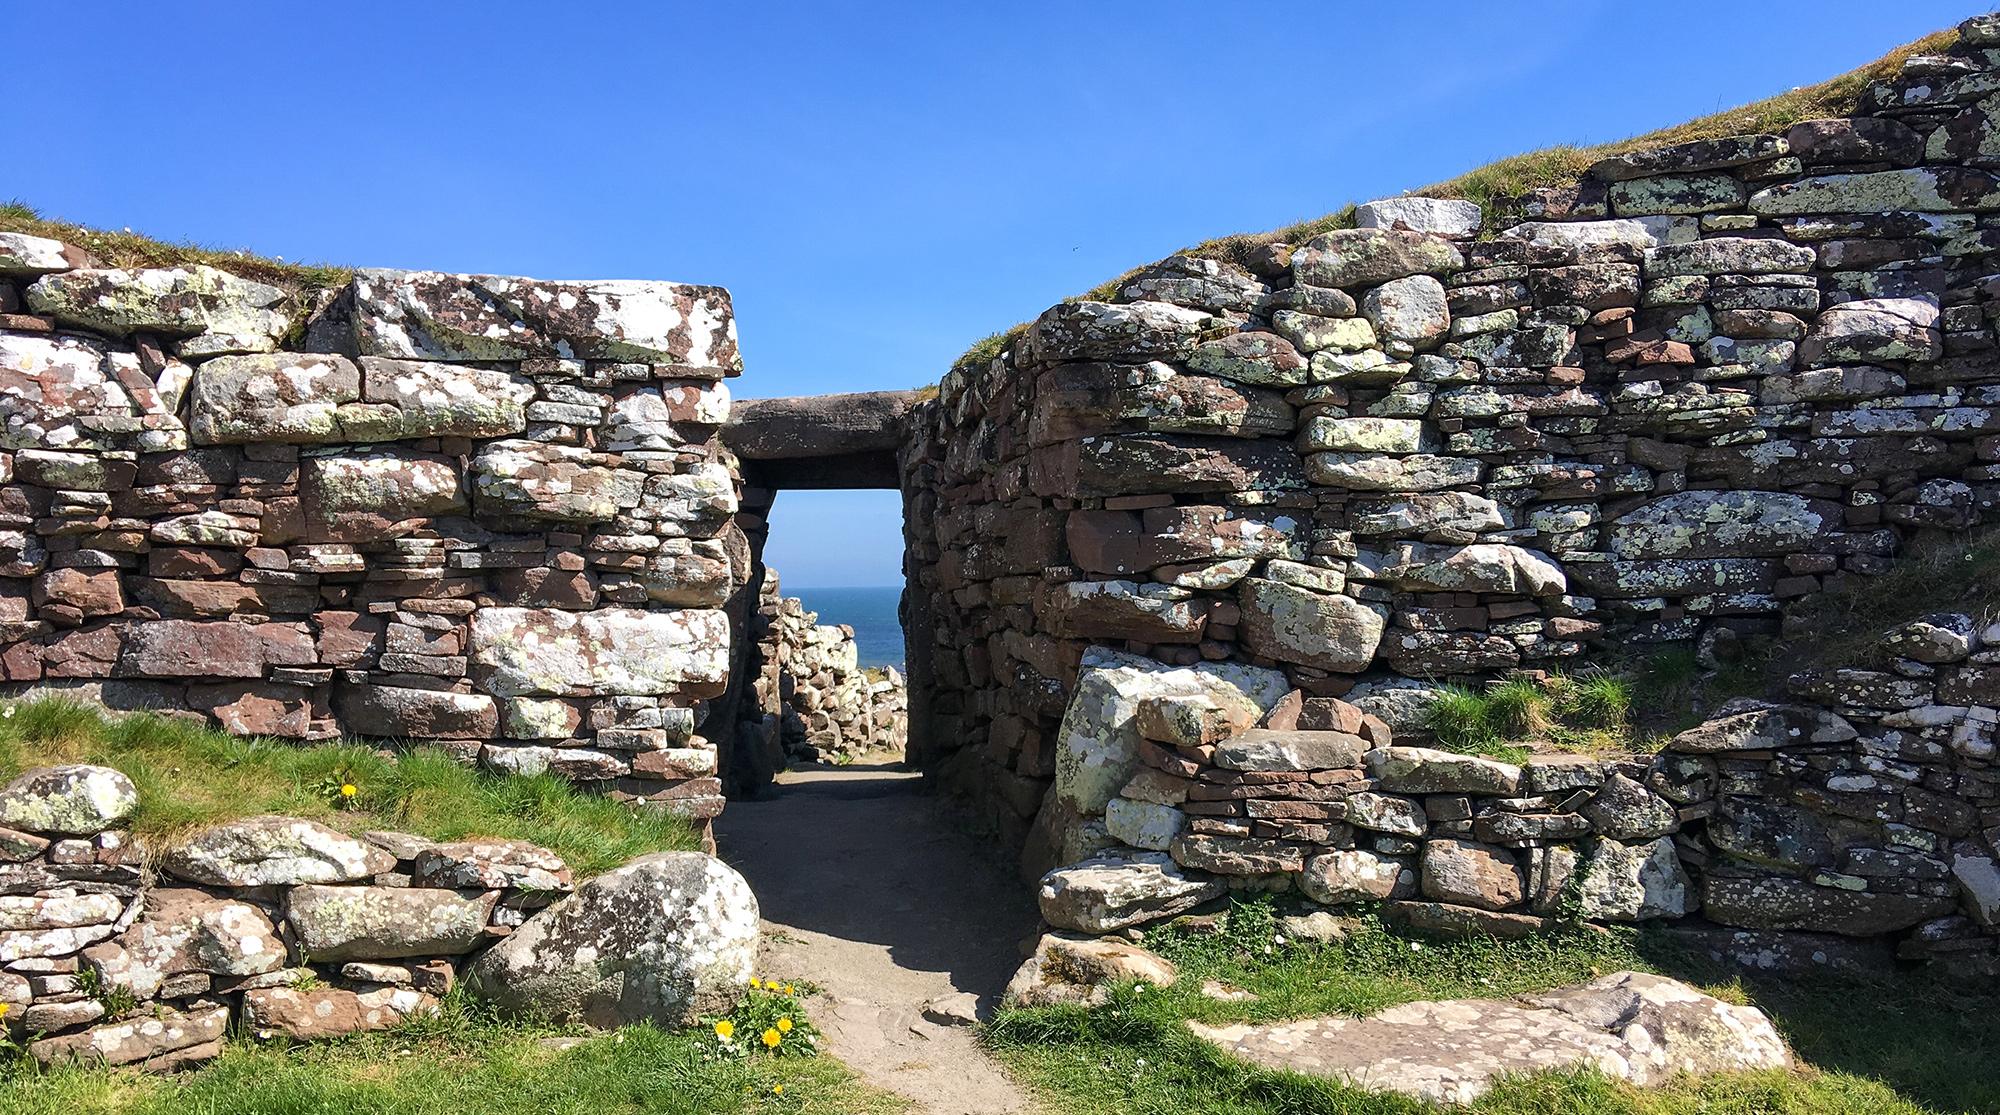 Blick durch den Eingang des Broch Carn Liath auf das Meer